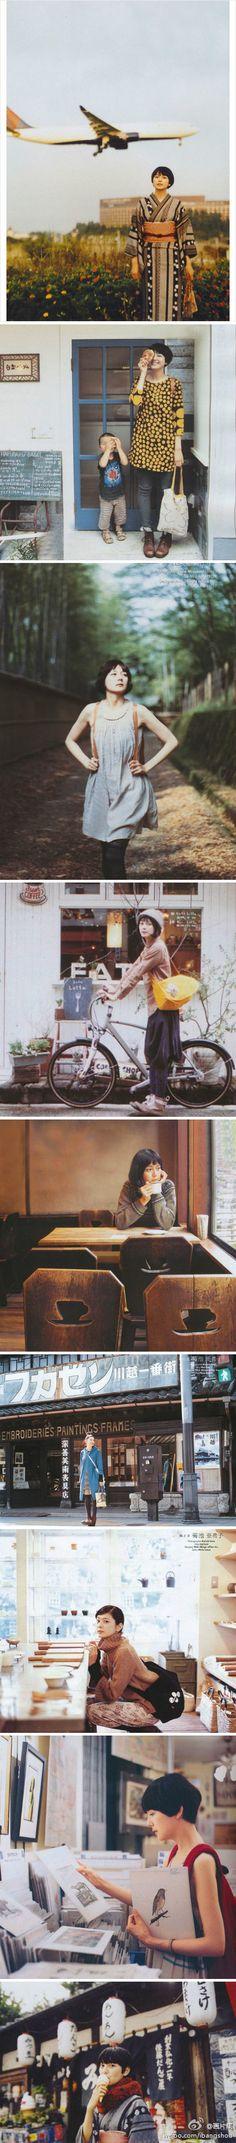 菊池亜希子的旅行日记。连载了快六个年头。